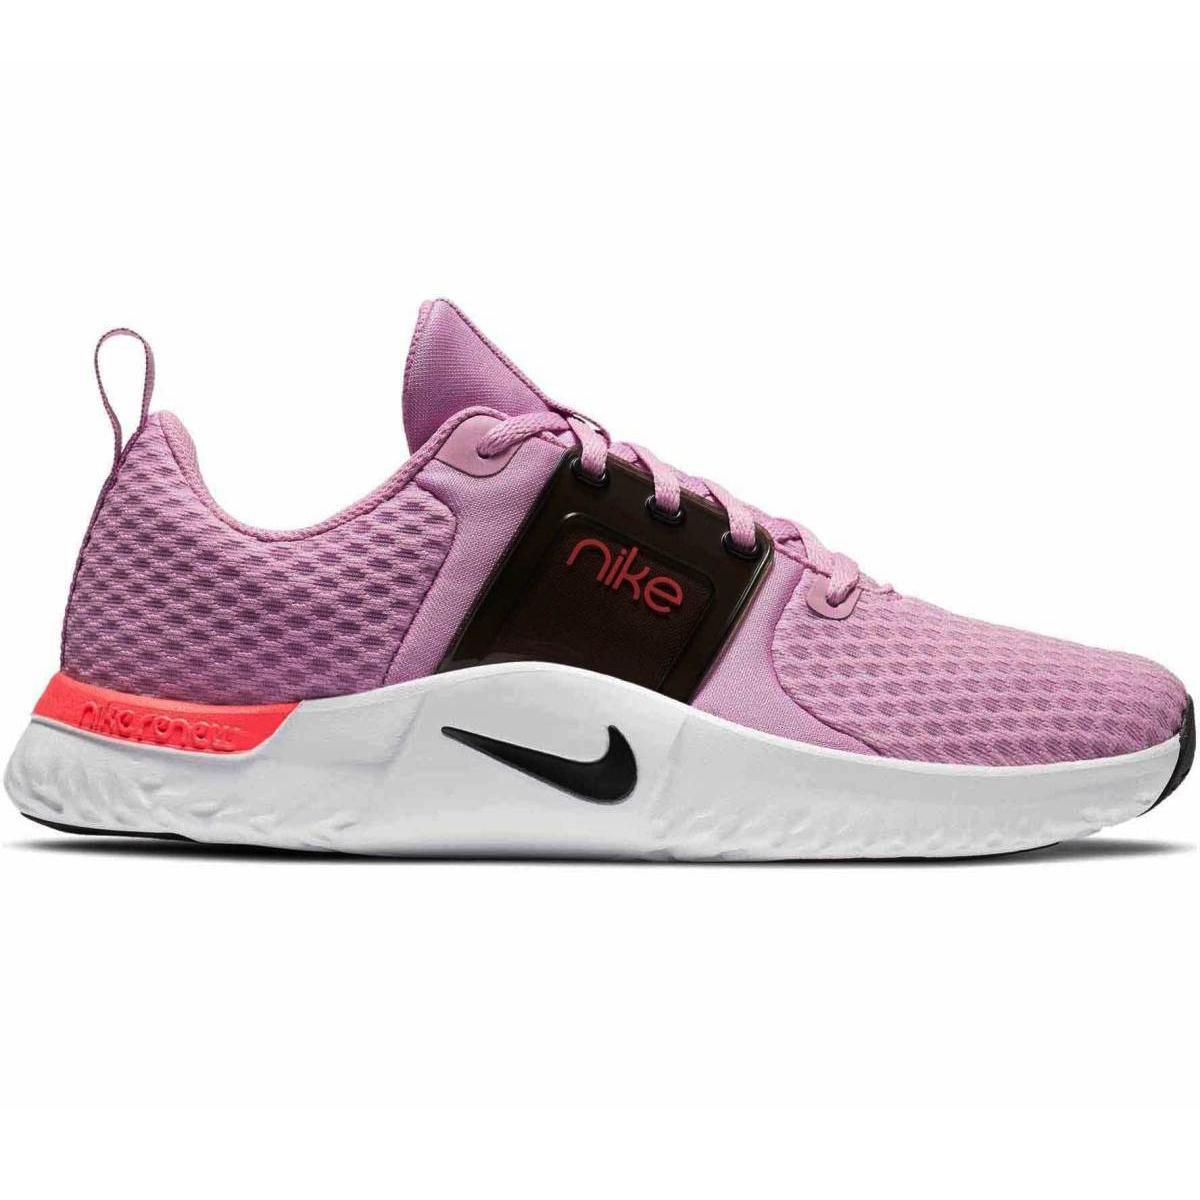 Nike W Renew In-Season Trainer 10 Fitnessschuhe pink CK2576 600